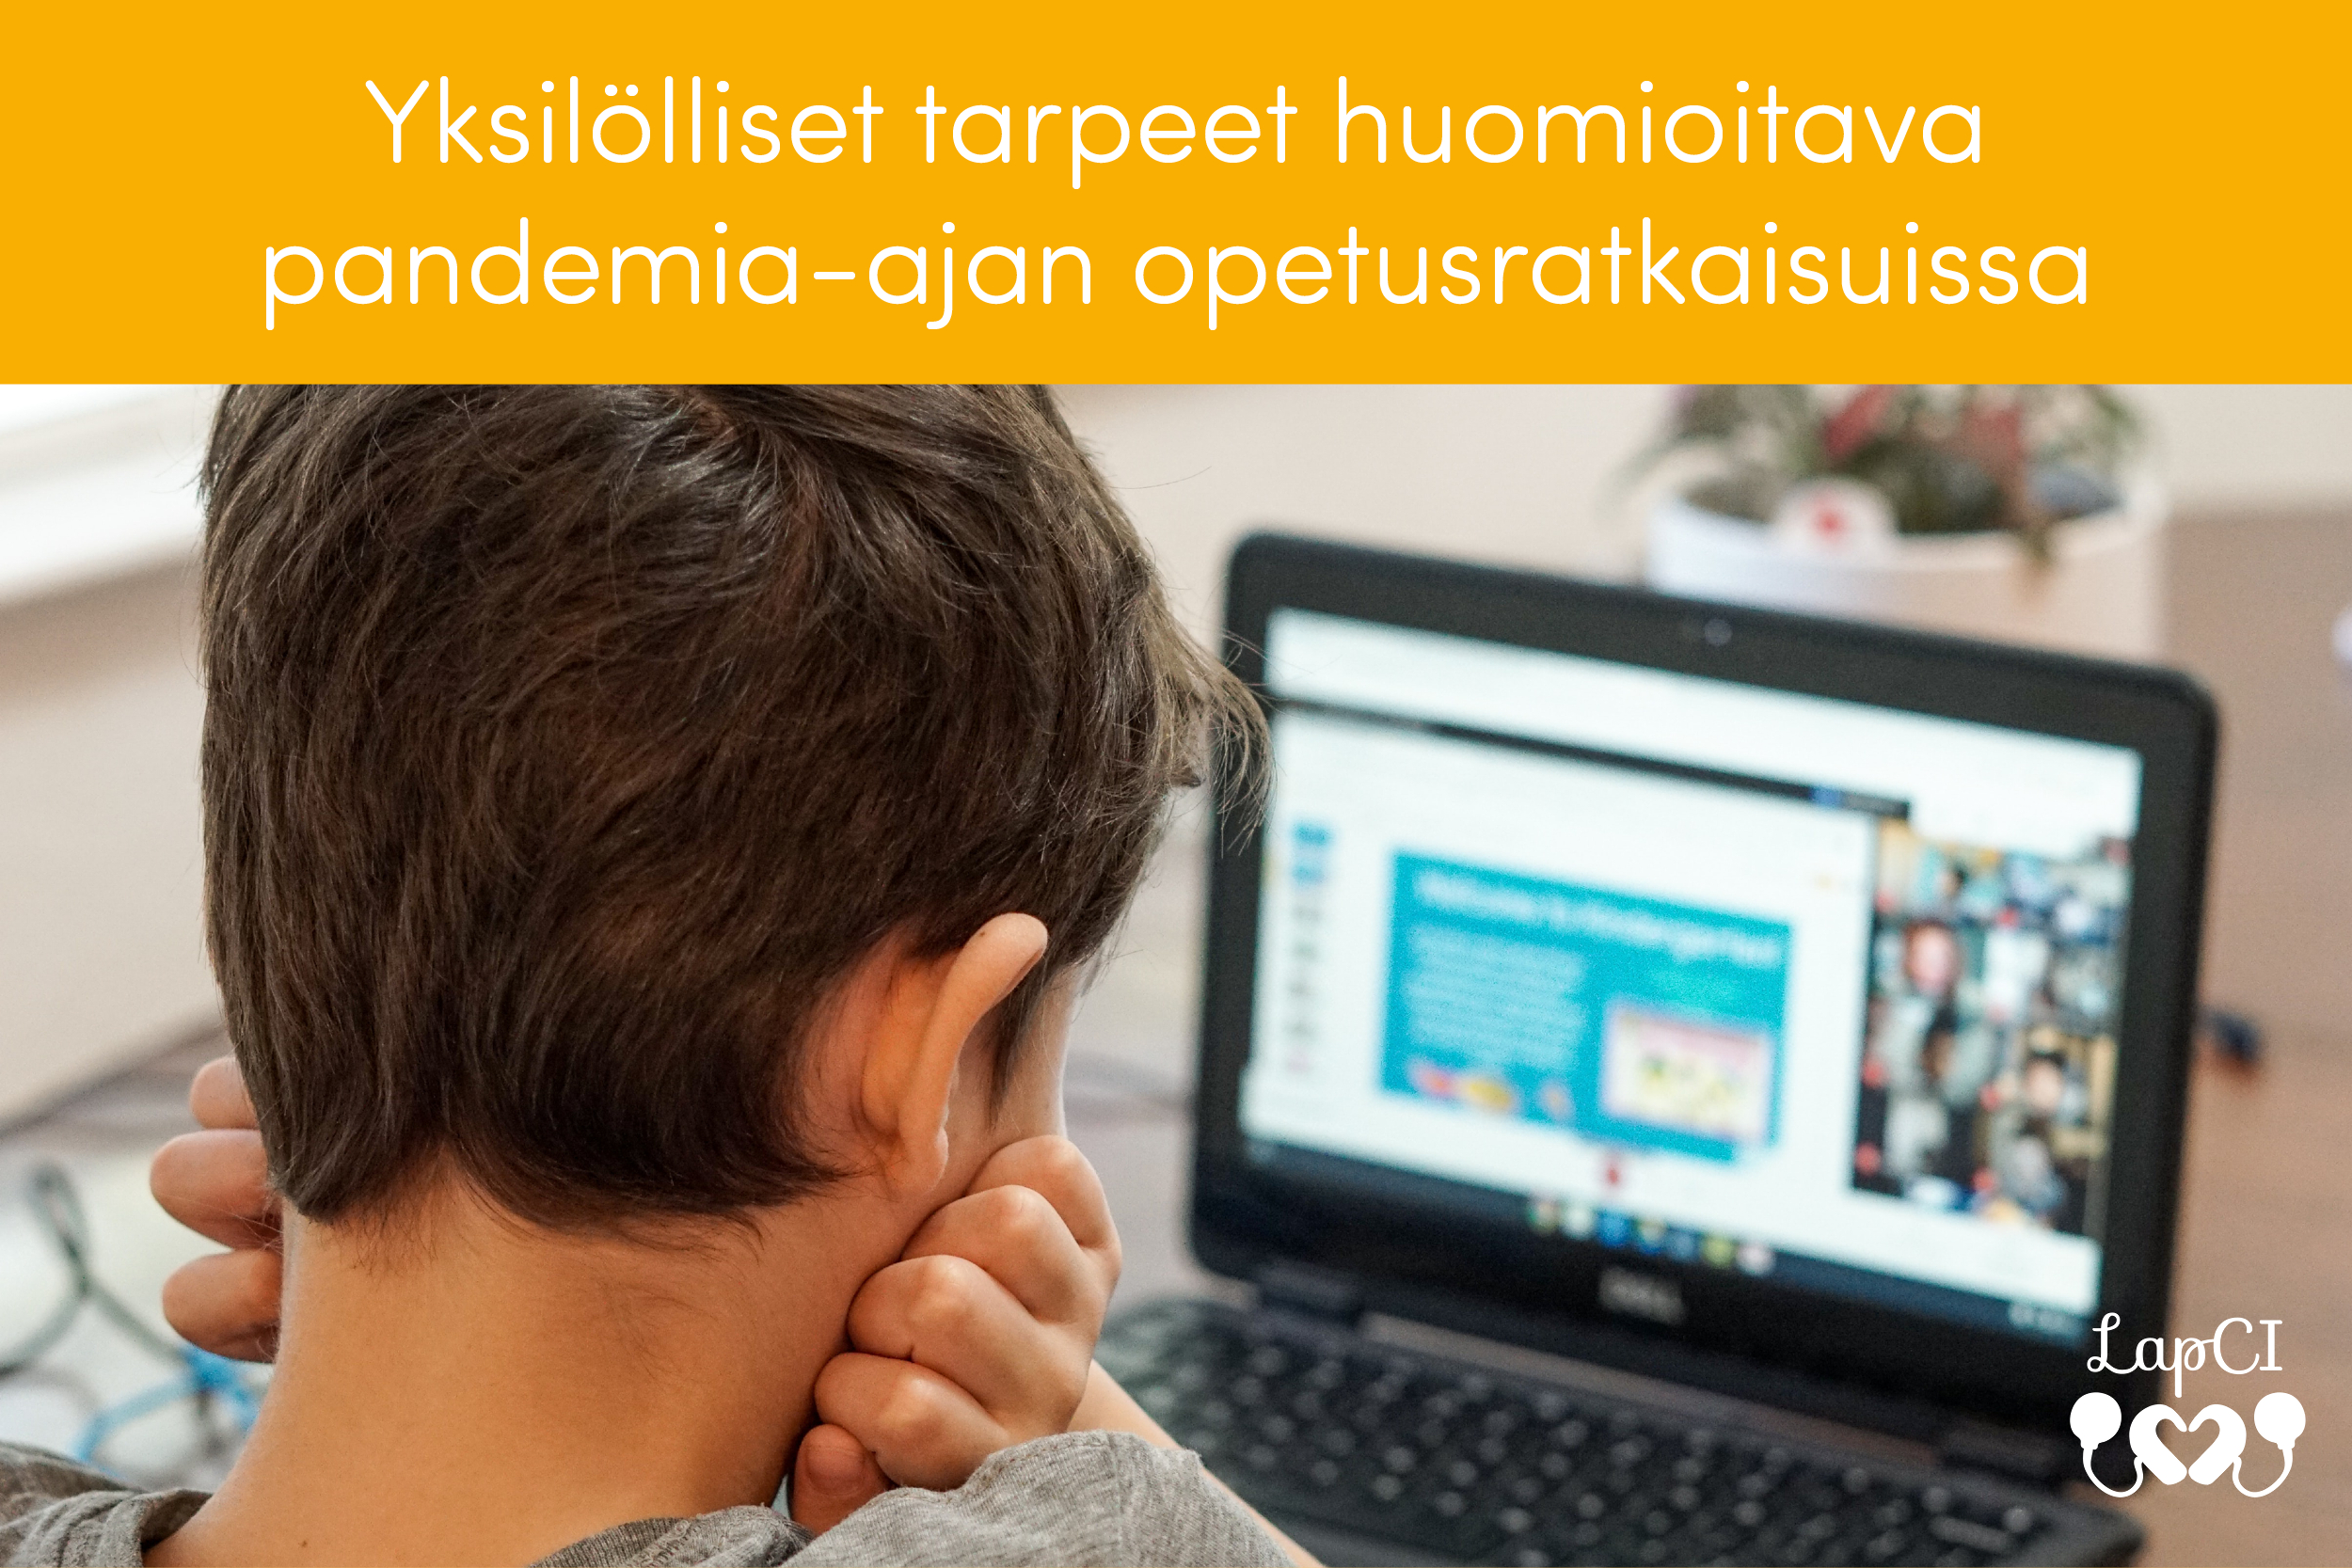 """Kuvassa lapsi tietokoneen edessä, tekstissä lukee """"Yksilölliset tarpeet huomioitava pandemia-ajan opetusratkaisuissa"""""""